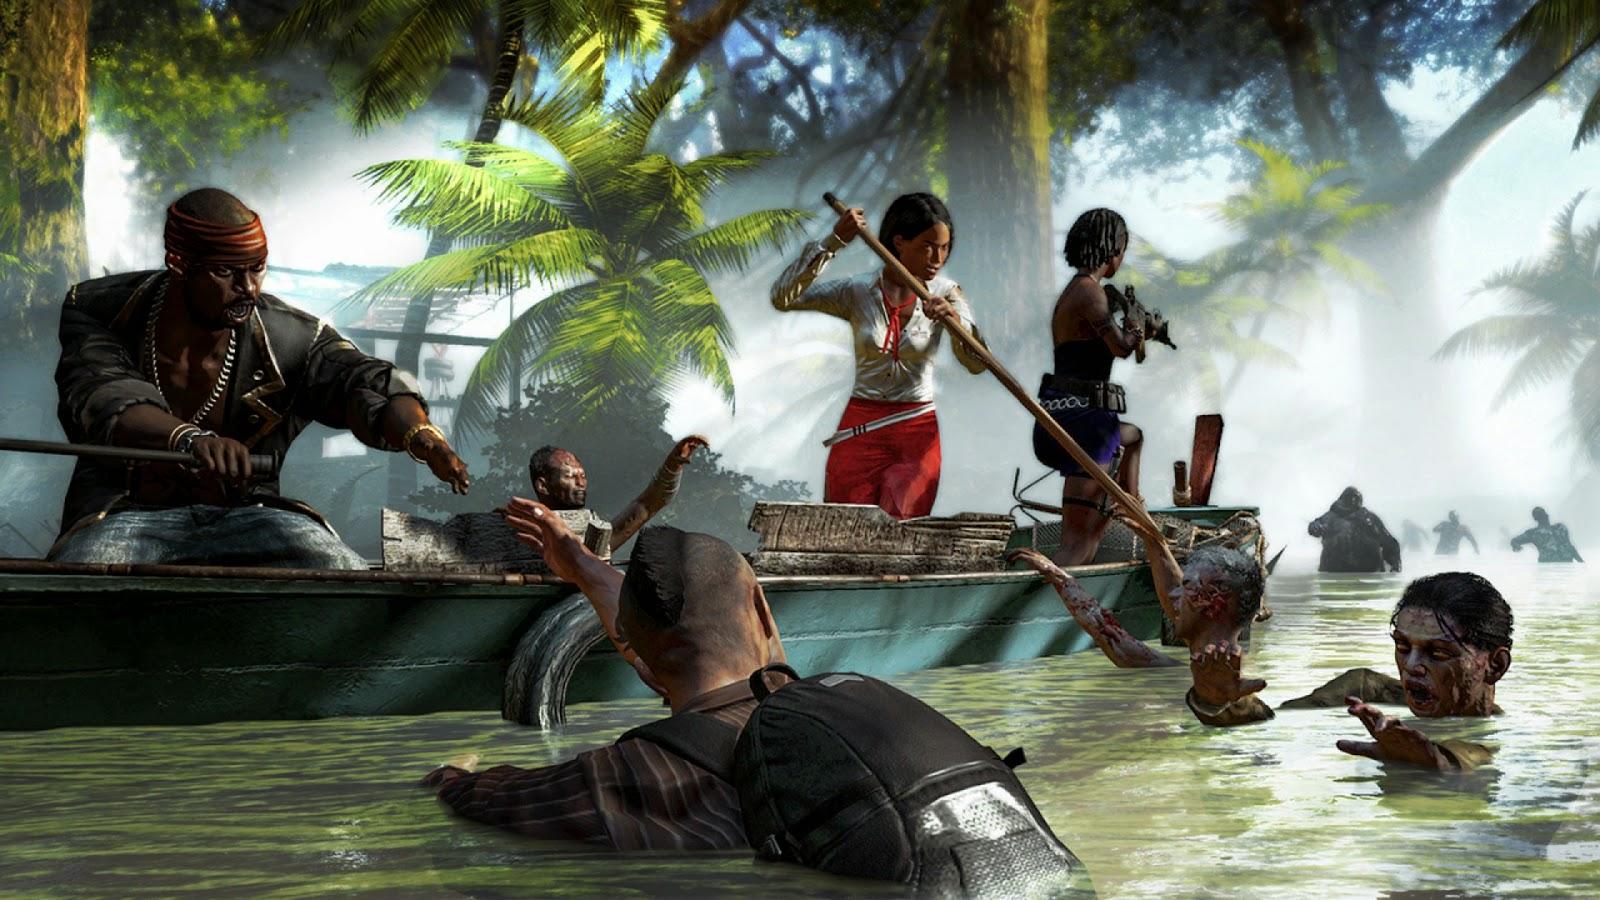 Dead Island Riptide juego completo en 1 link